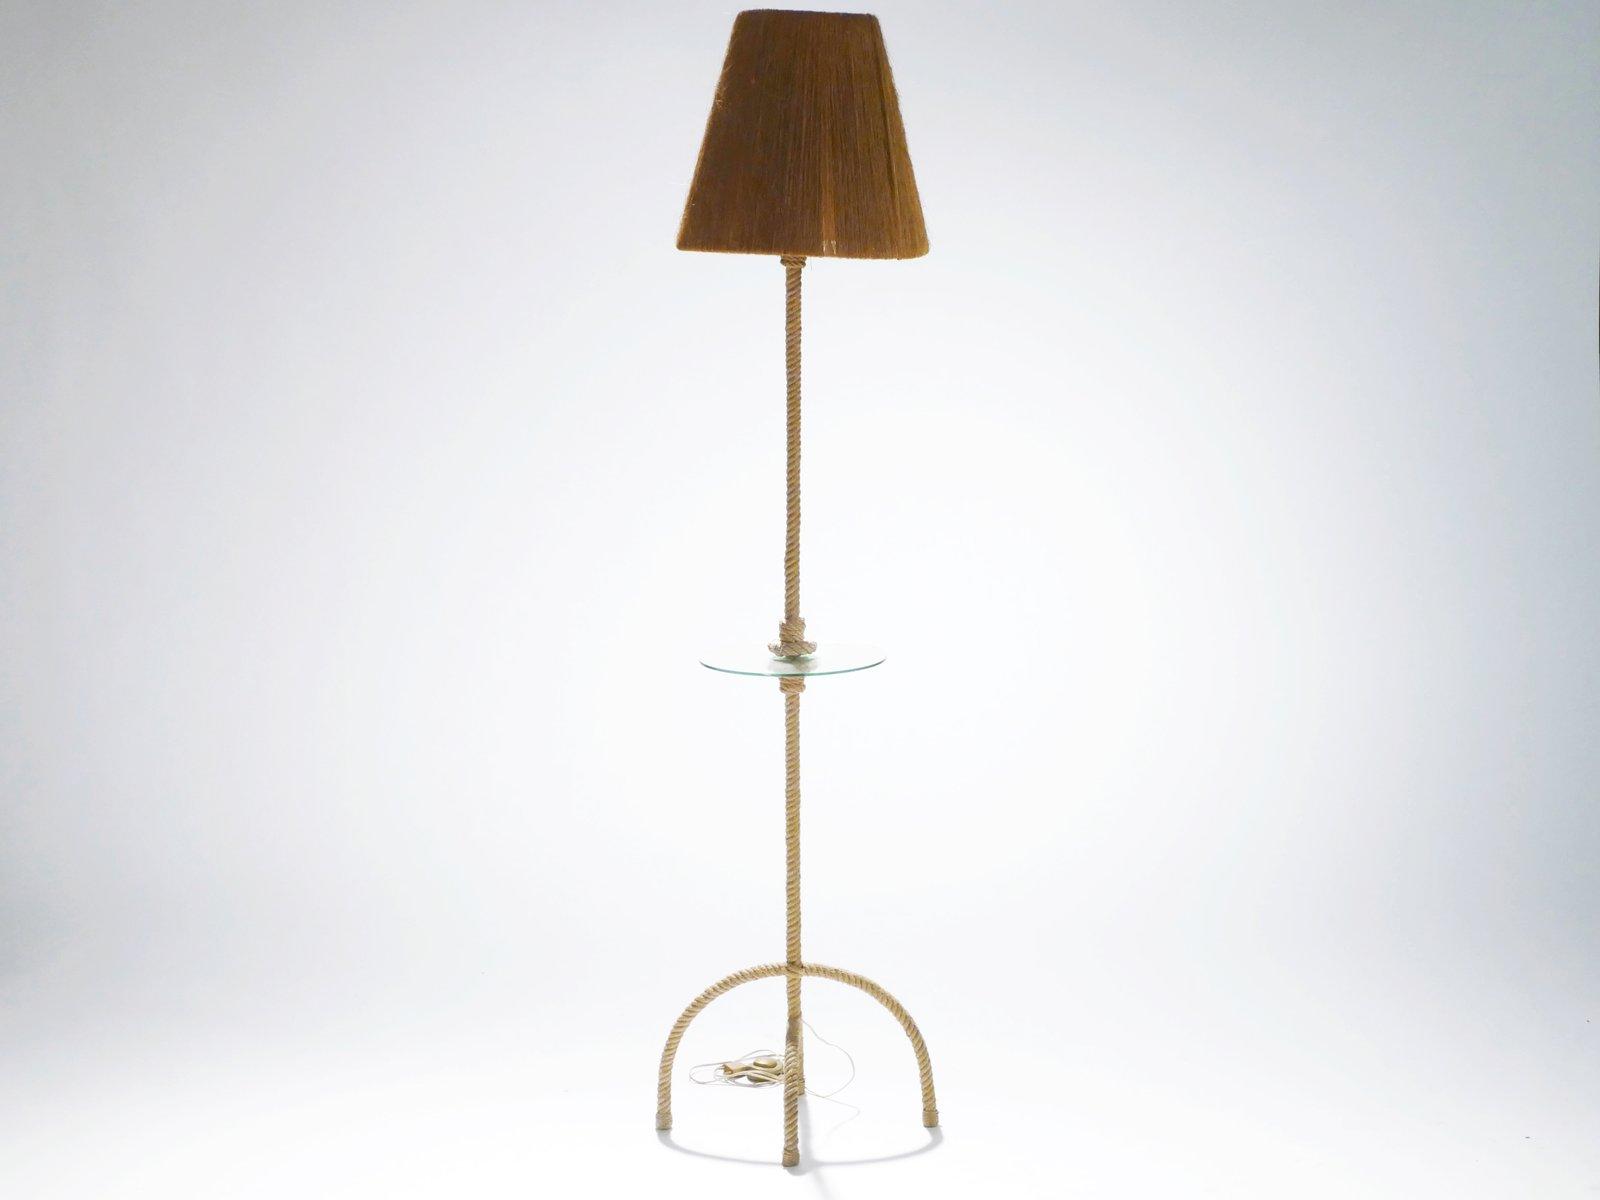 Seil Stehlampe von Adrien Audoux & Frida Minet, 1960er